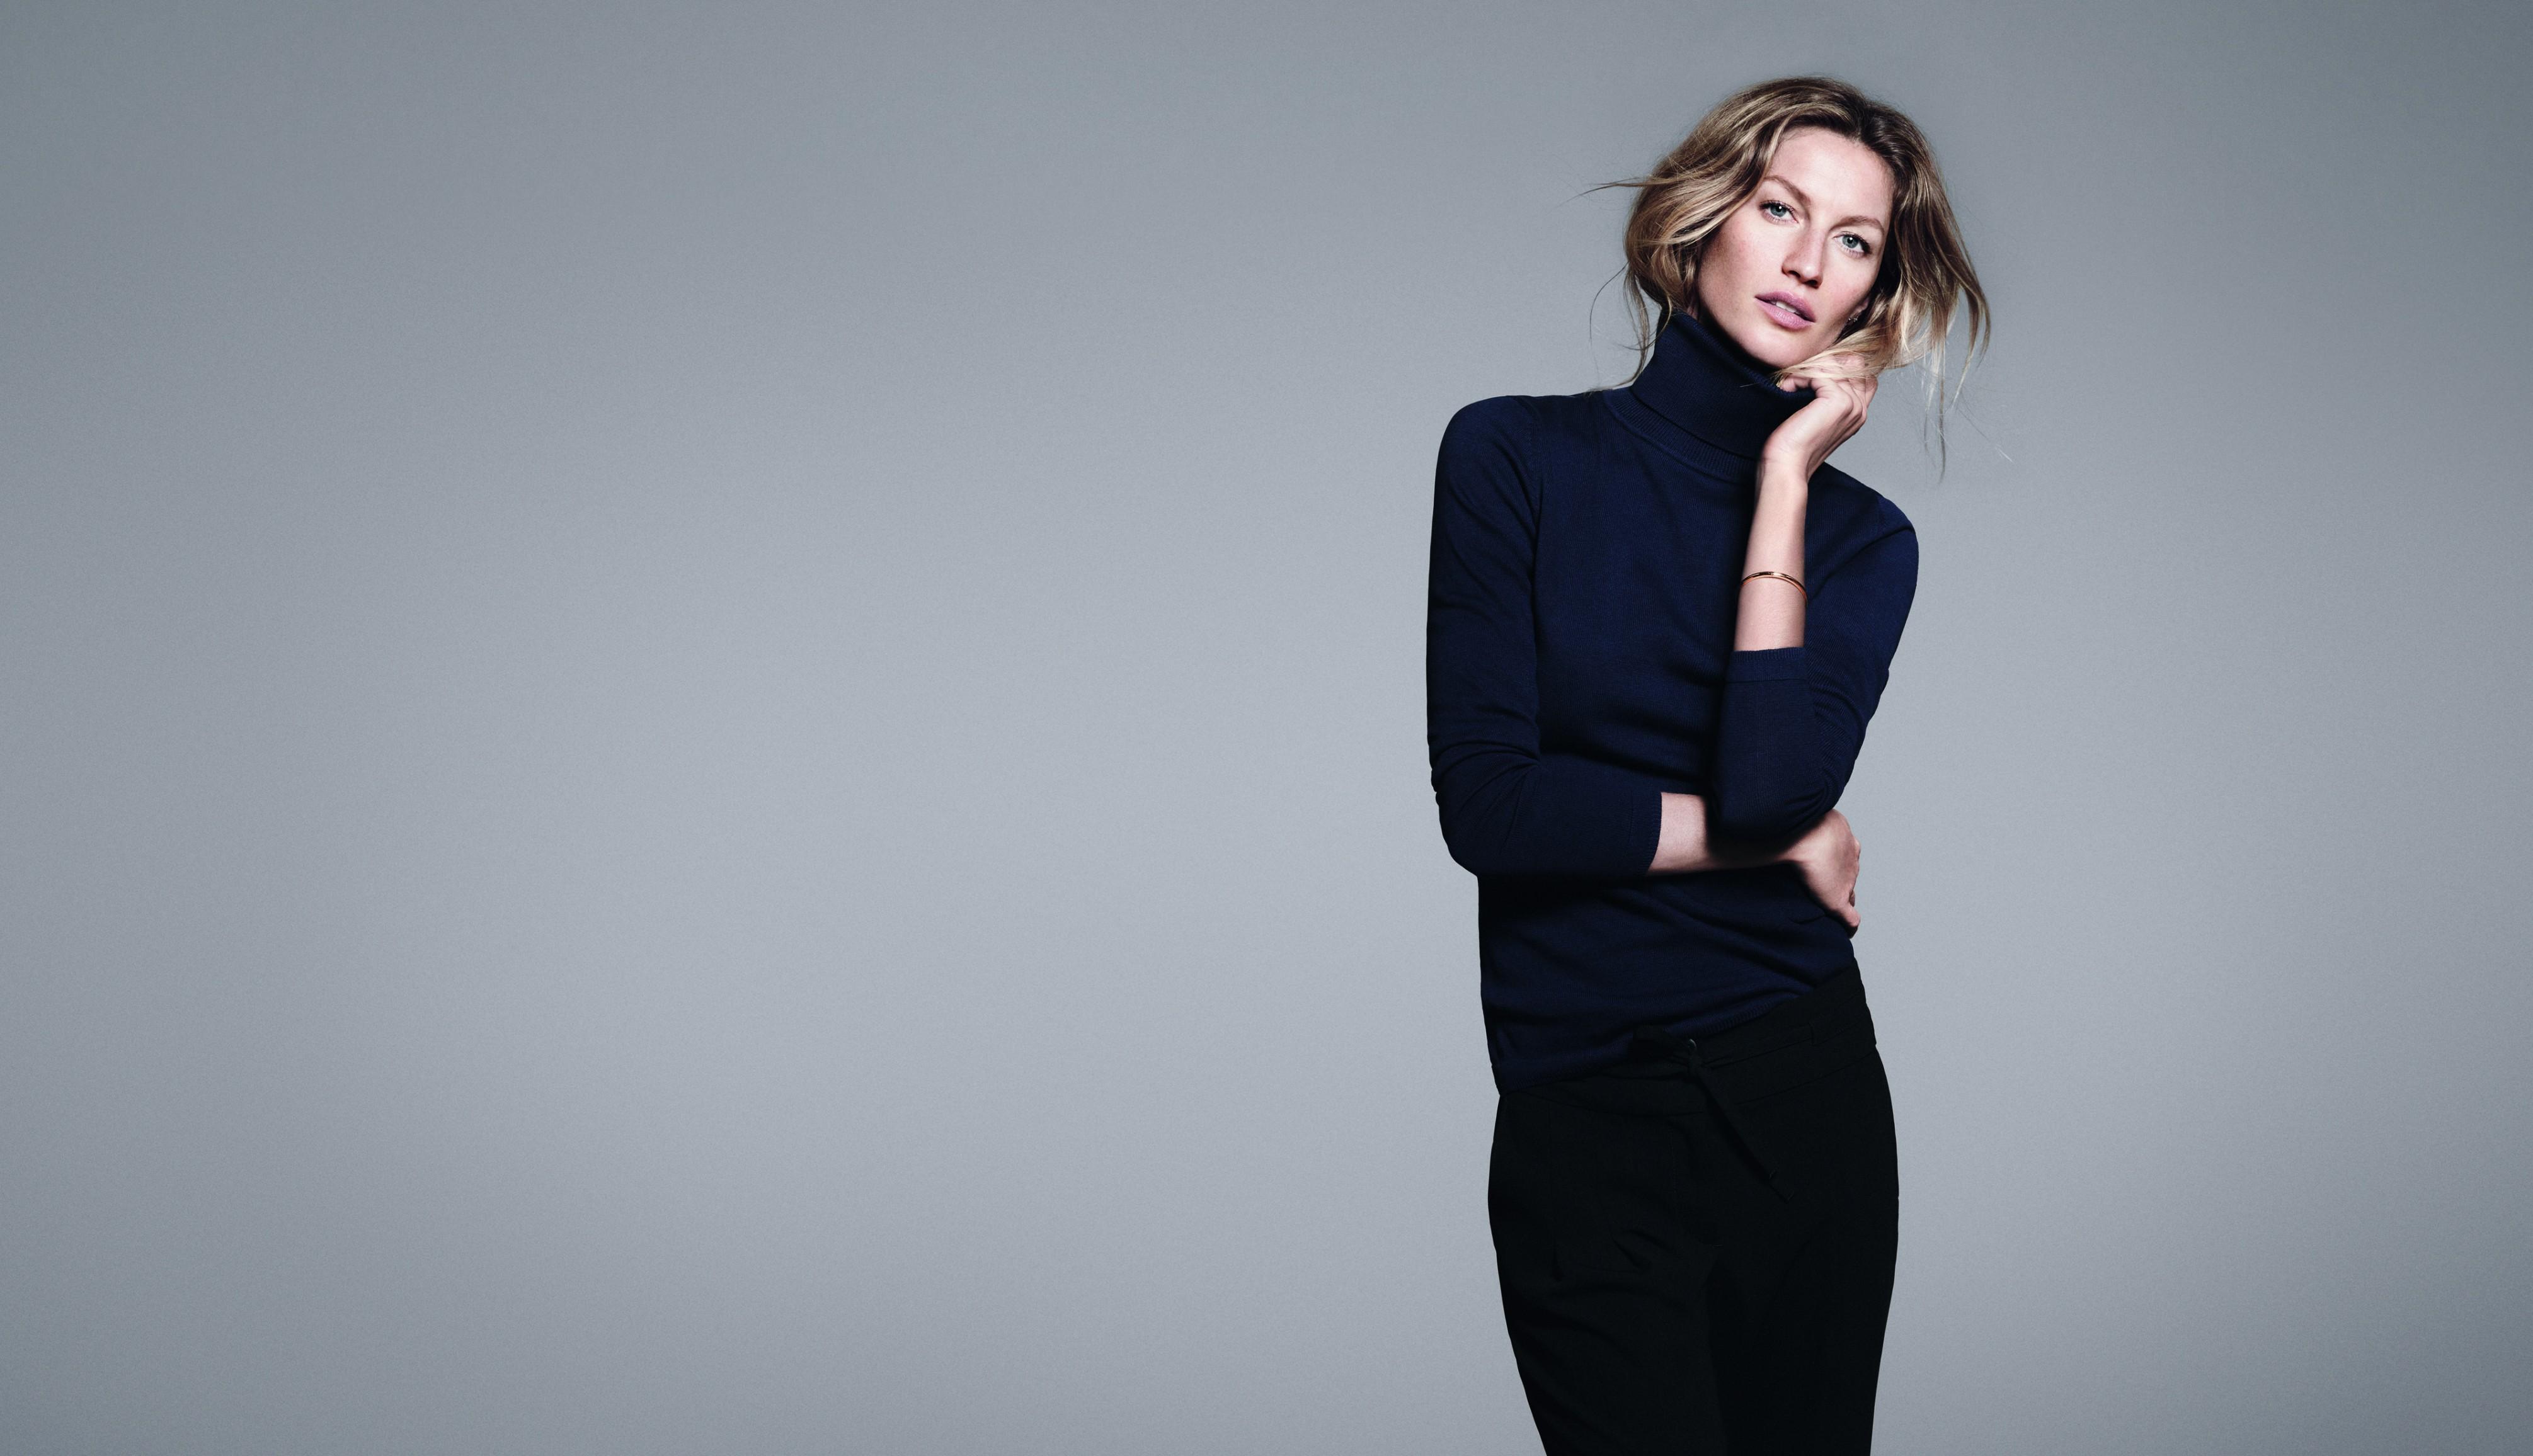 Gisele Bundchen Fashion Model Celebrity Actress Studio 886